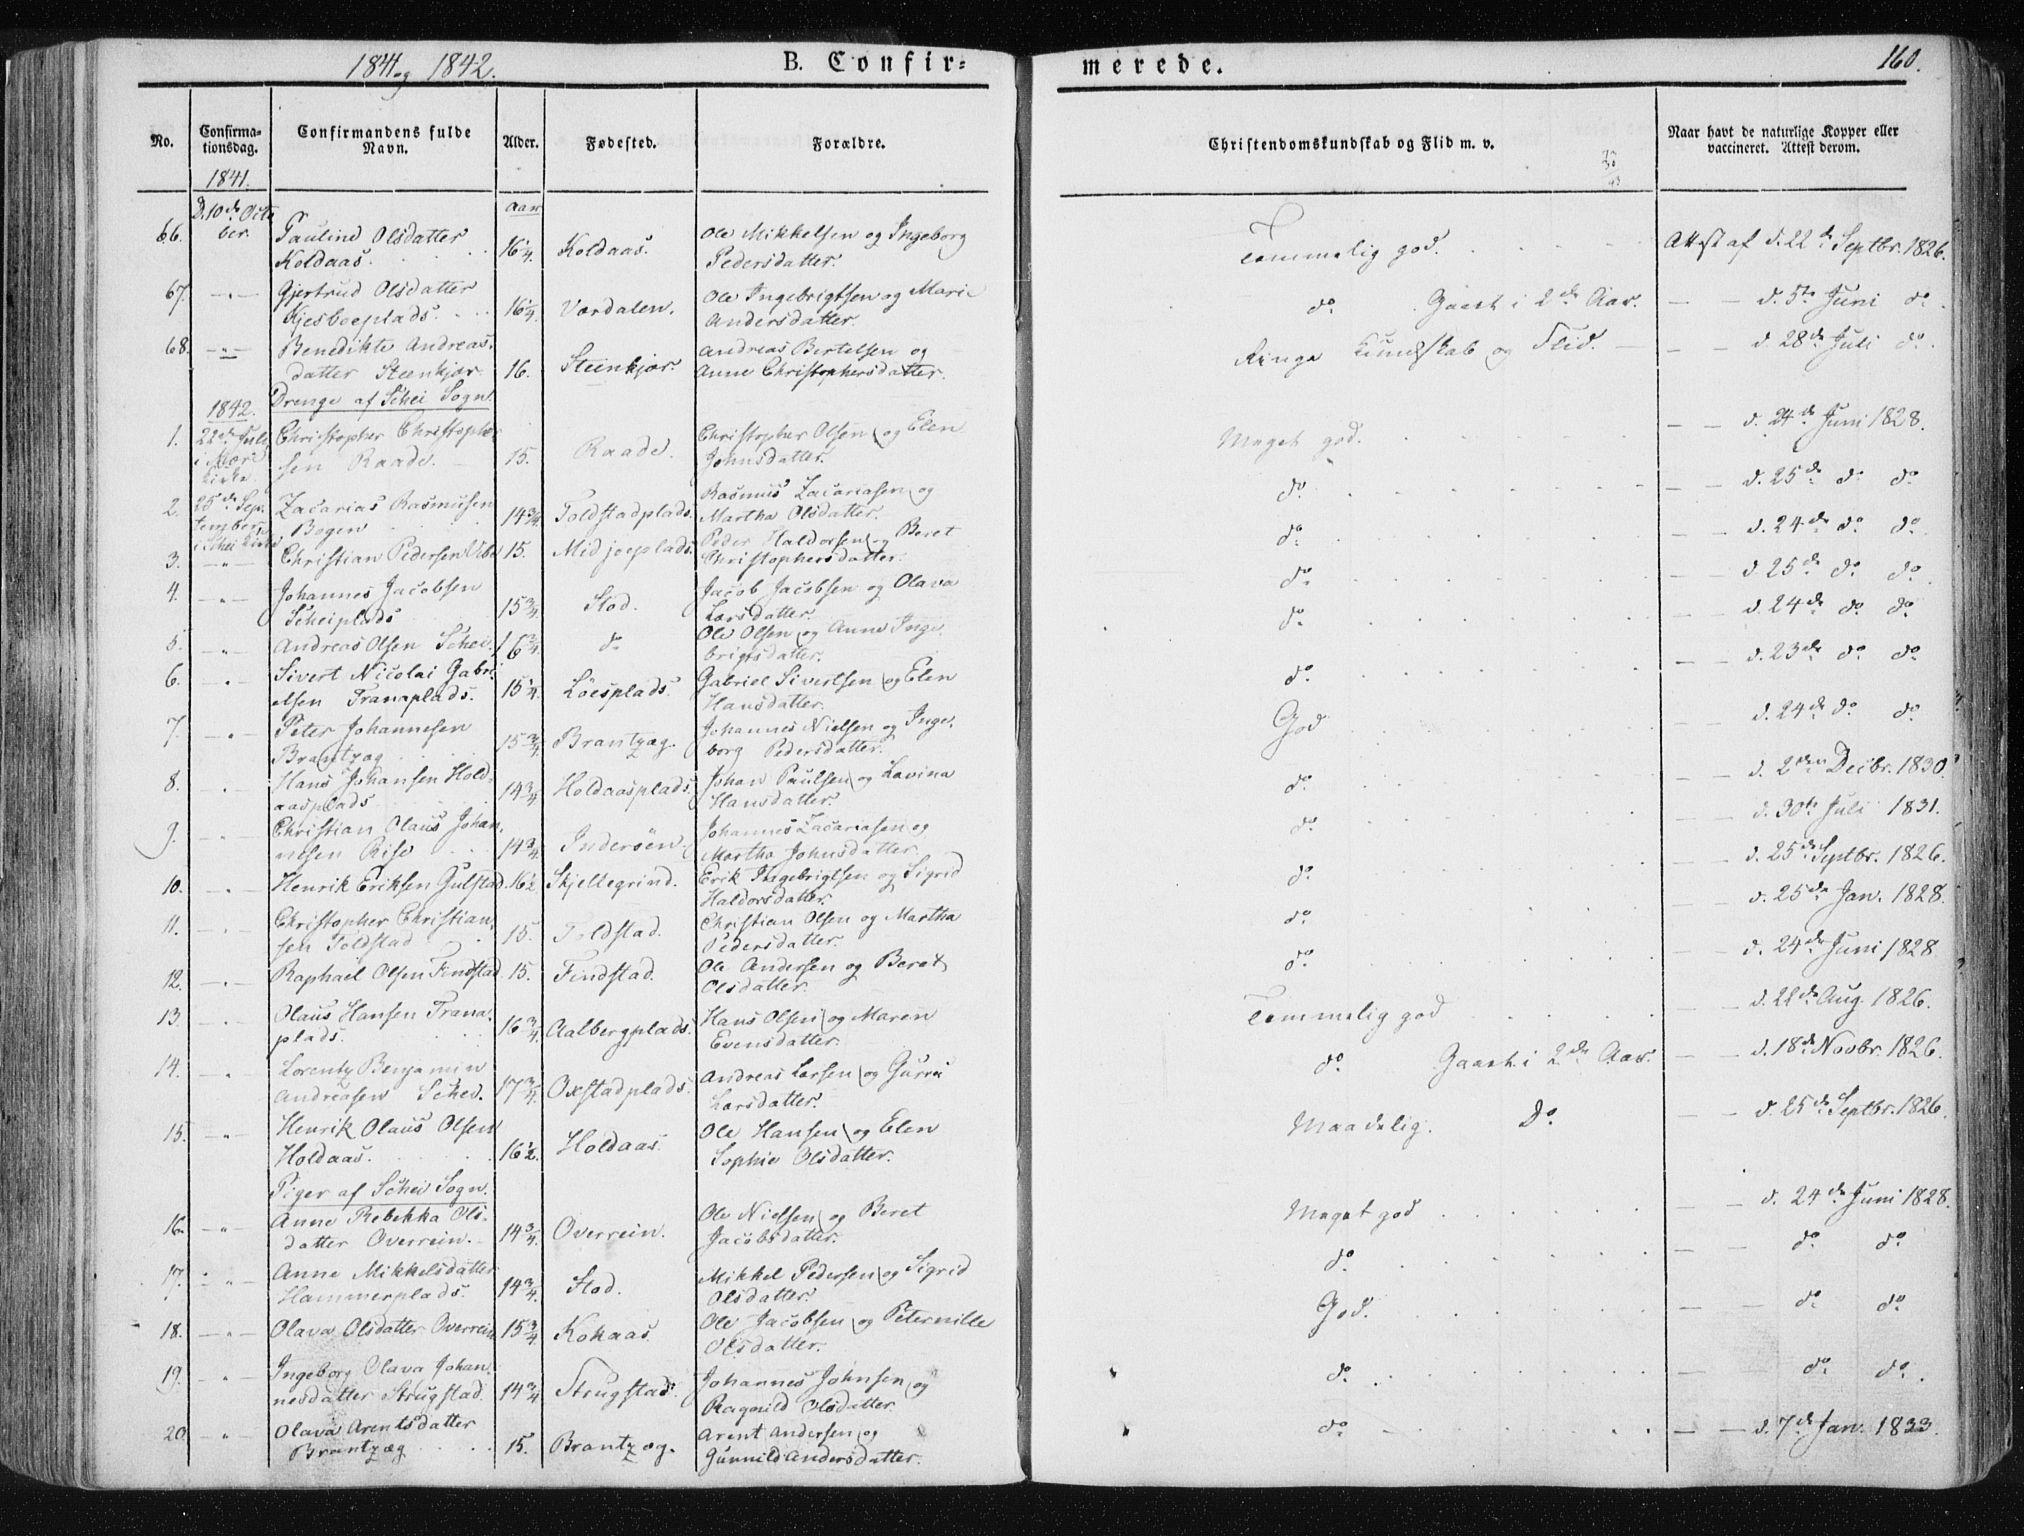 SAT, Ministerialprotokoller, klokkerbøker og fødselsregistre - Nord-Trøndelag, 735/L0339: Ministerialbok nr. 735A06 /1, 1836-1848, s. 160